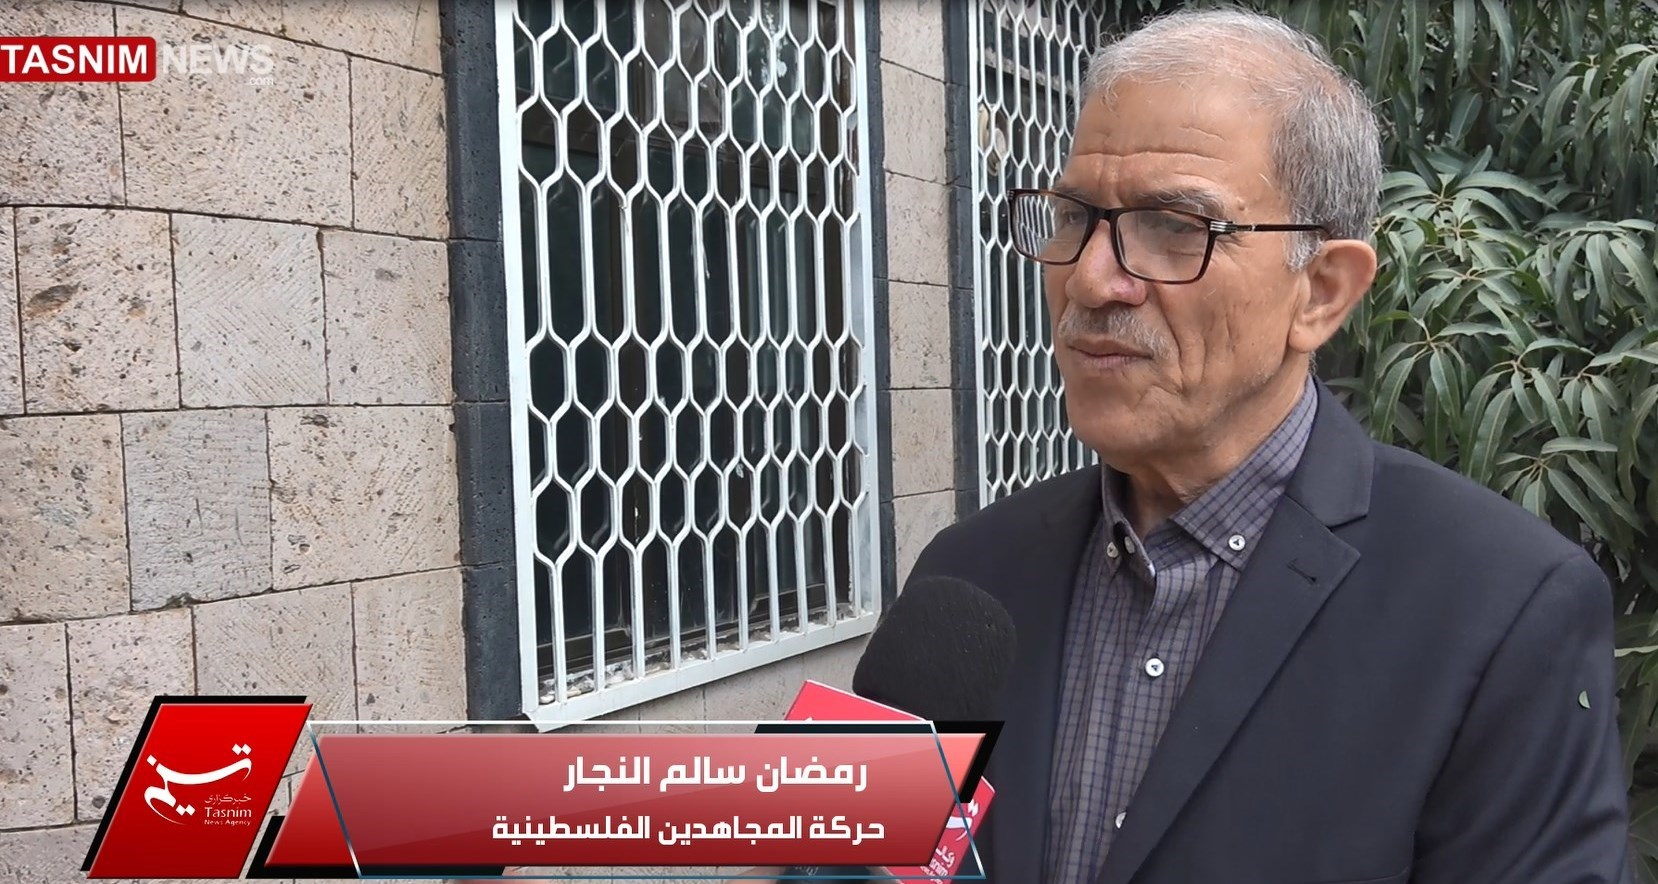 مهاجران فلسطینی در یمن؛ دلگرم به اهتمام سیاسی انصارالله به مسئله فلسطین